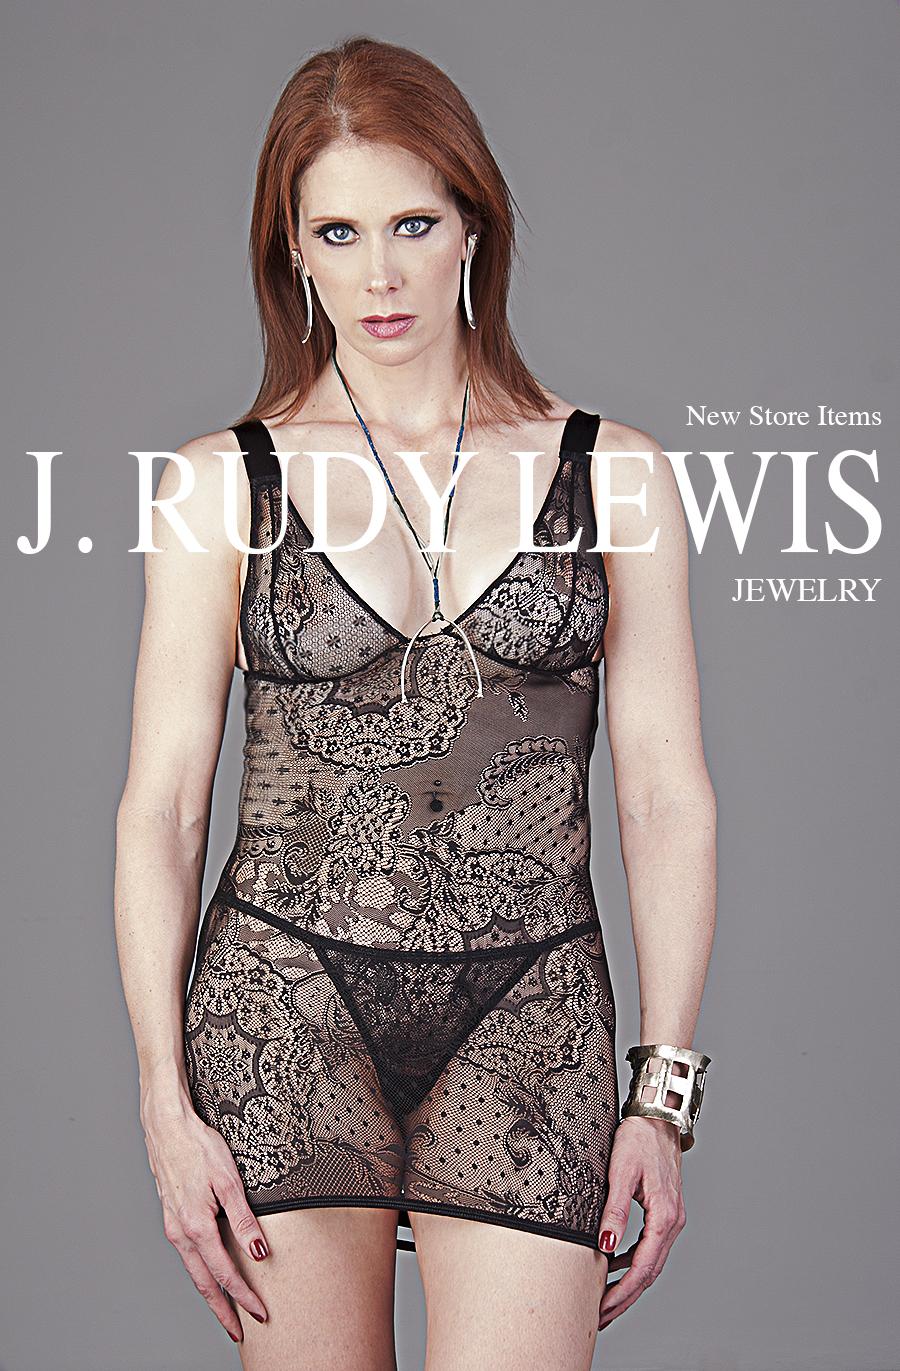 J_Rudy_Lewis_jewelry_tony_ward_studio_store_sale_sterling_silver_bracelet_necklace_earrings_megan_g